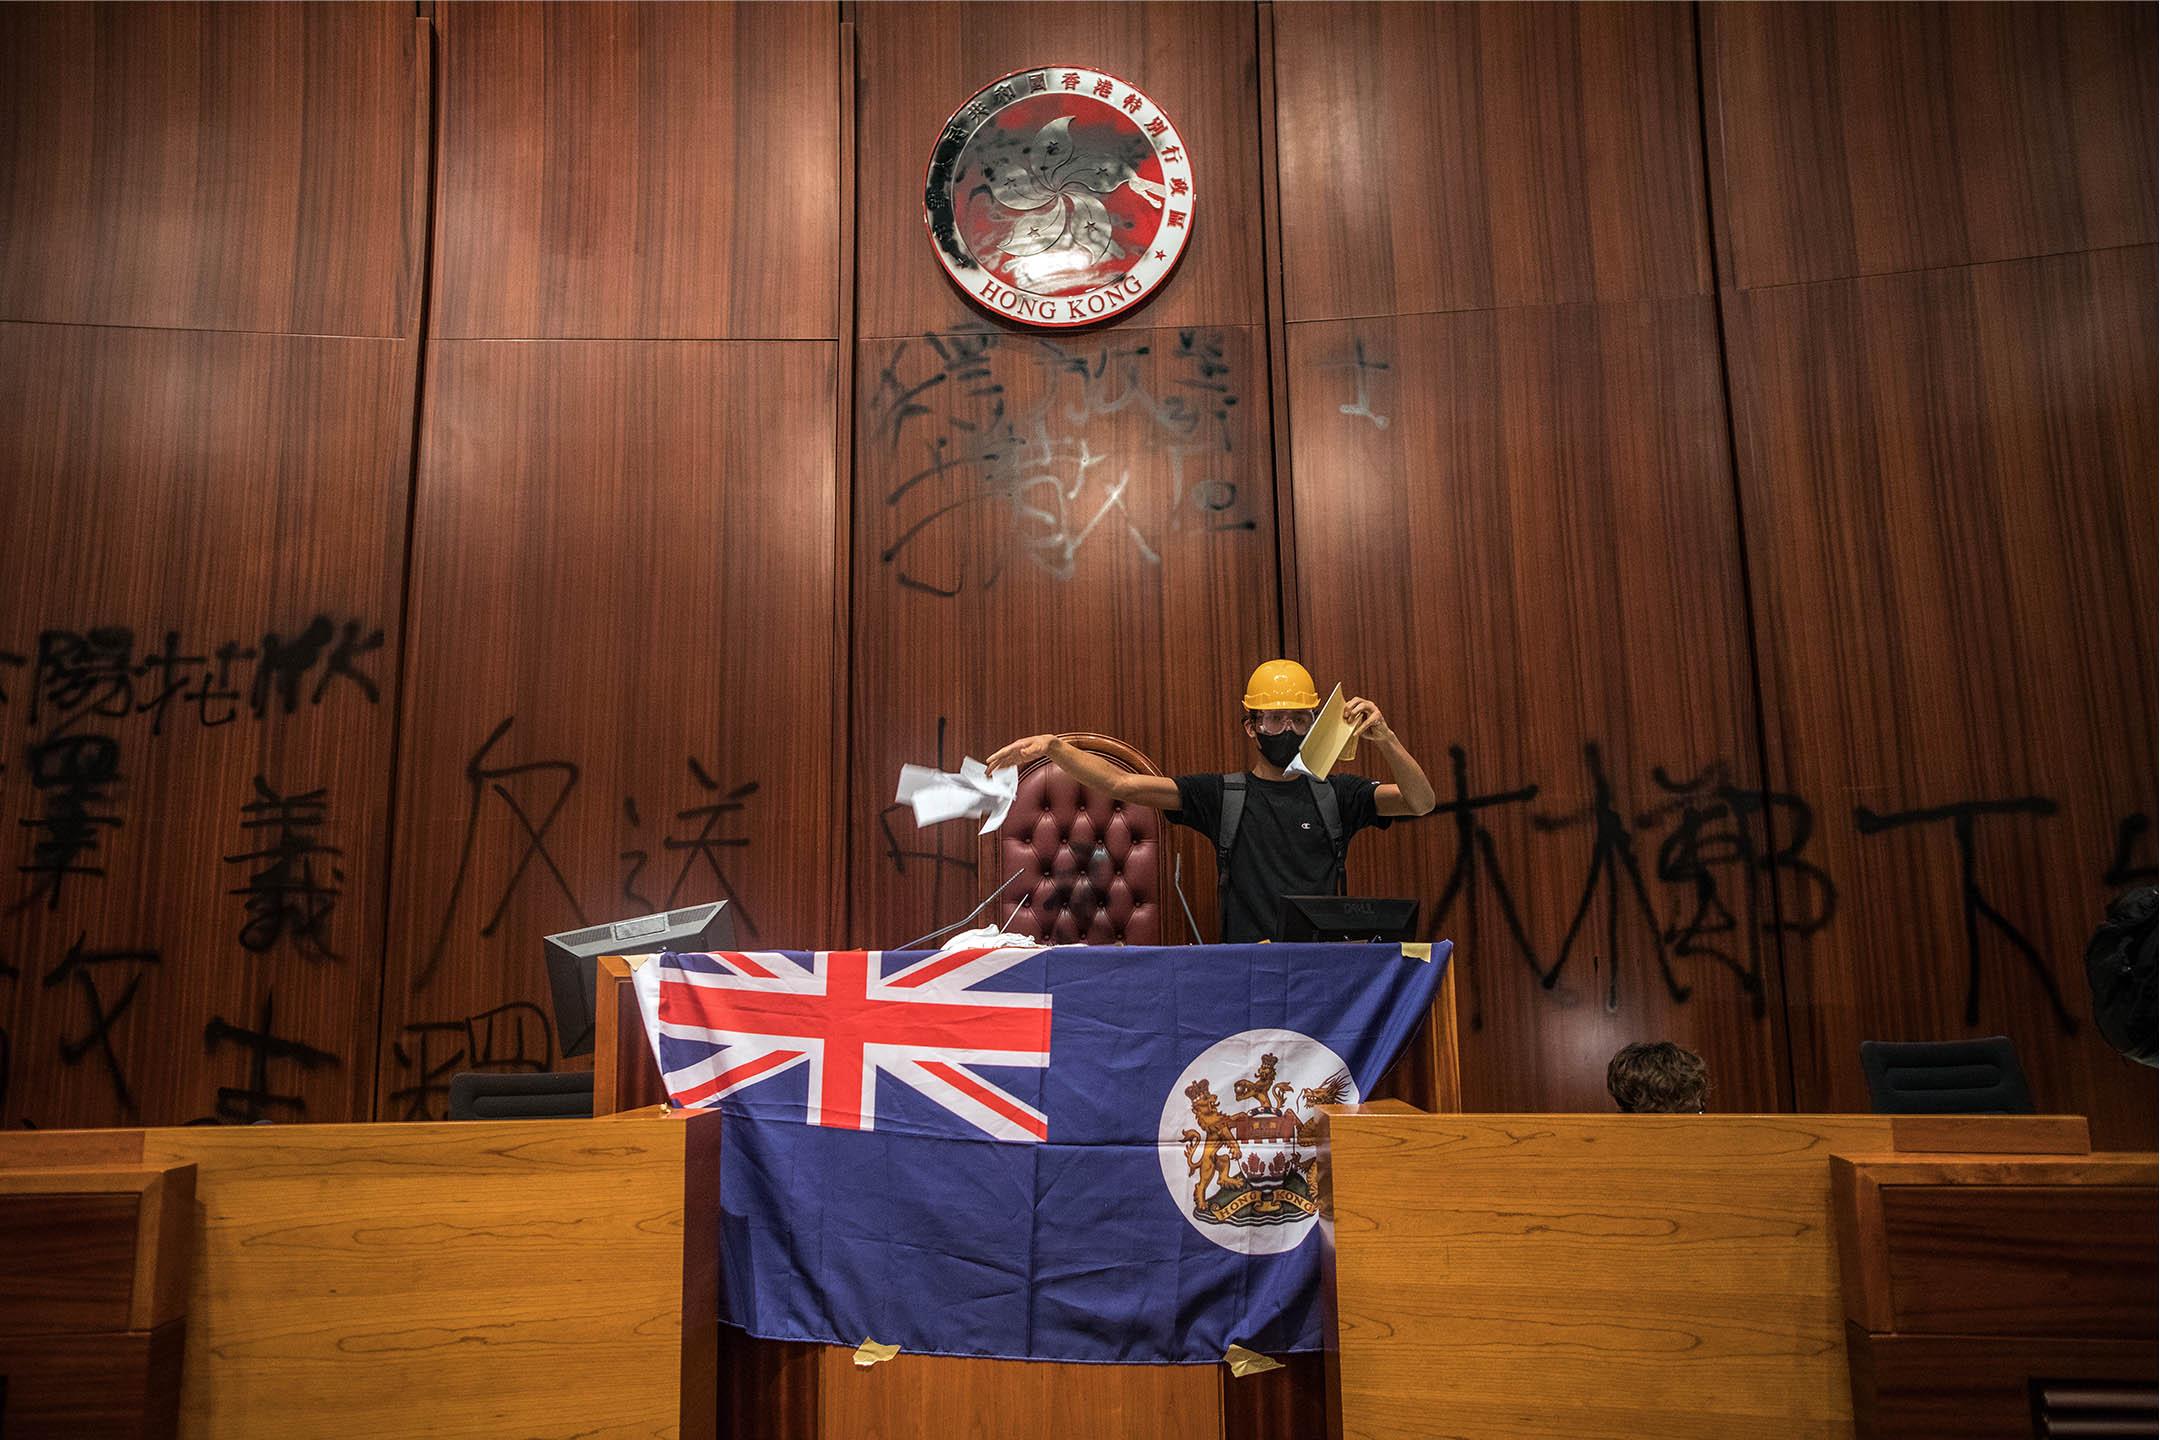 2019年7月1日香港,示威者佔領立法會,並在議事廳撕毀基本法抗議。